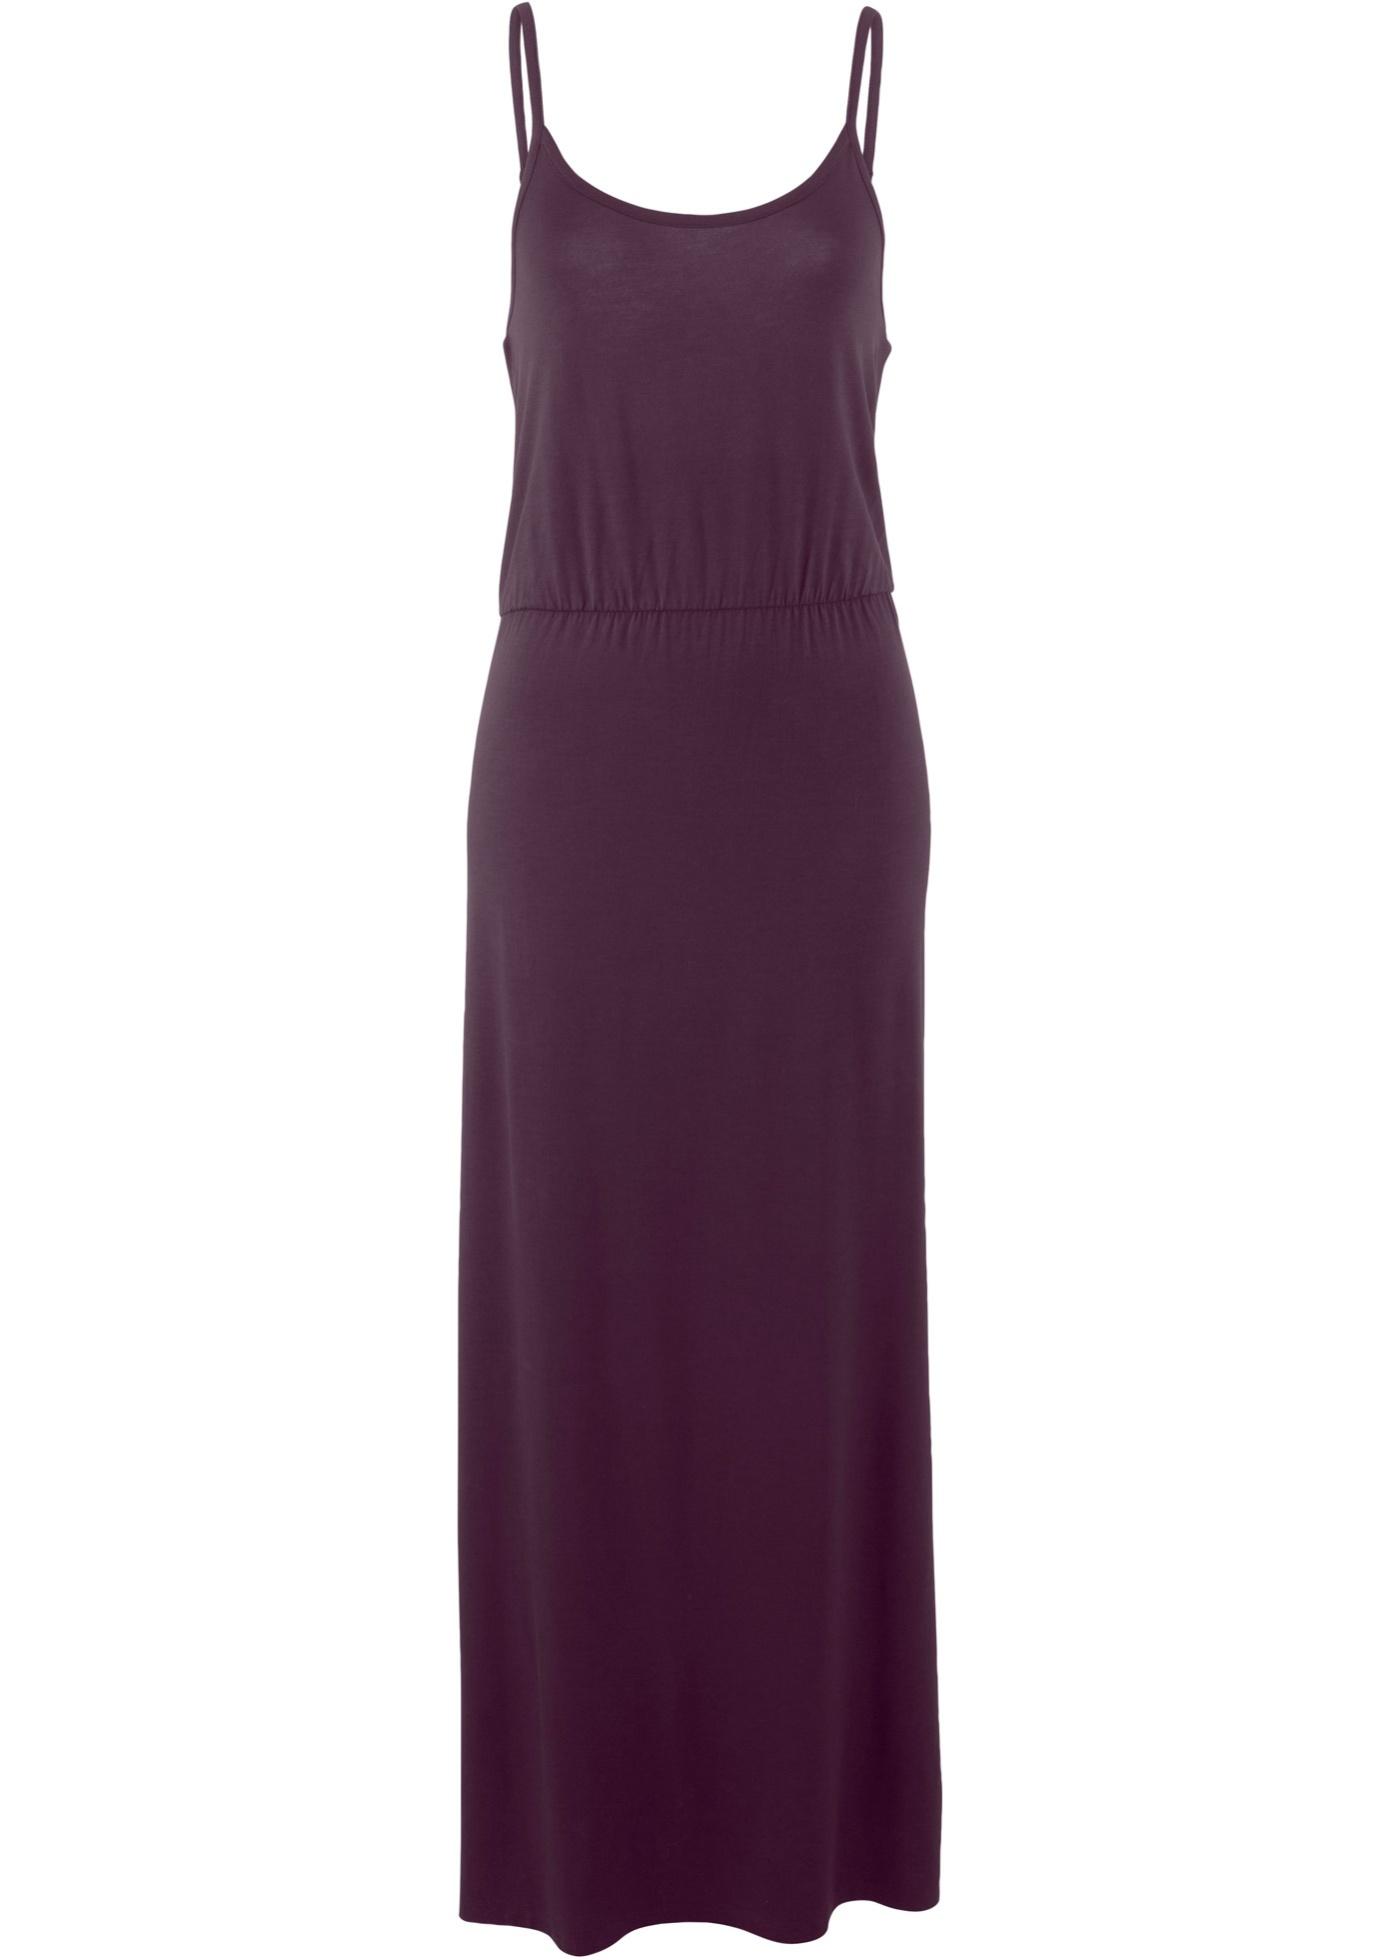 Úpletové šaty bez rukávů - Fialová